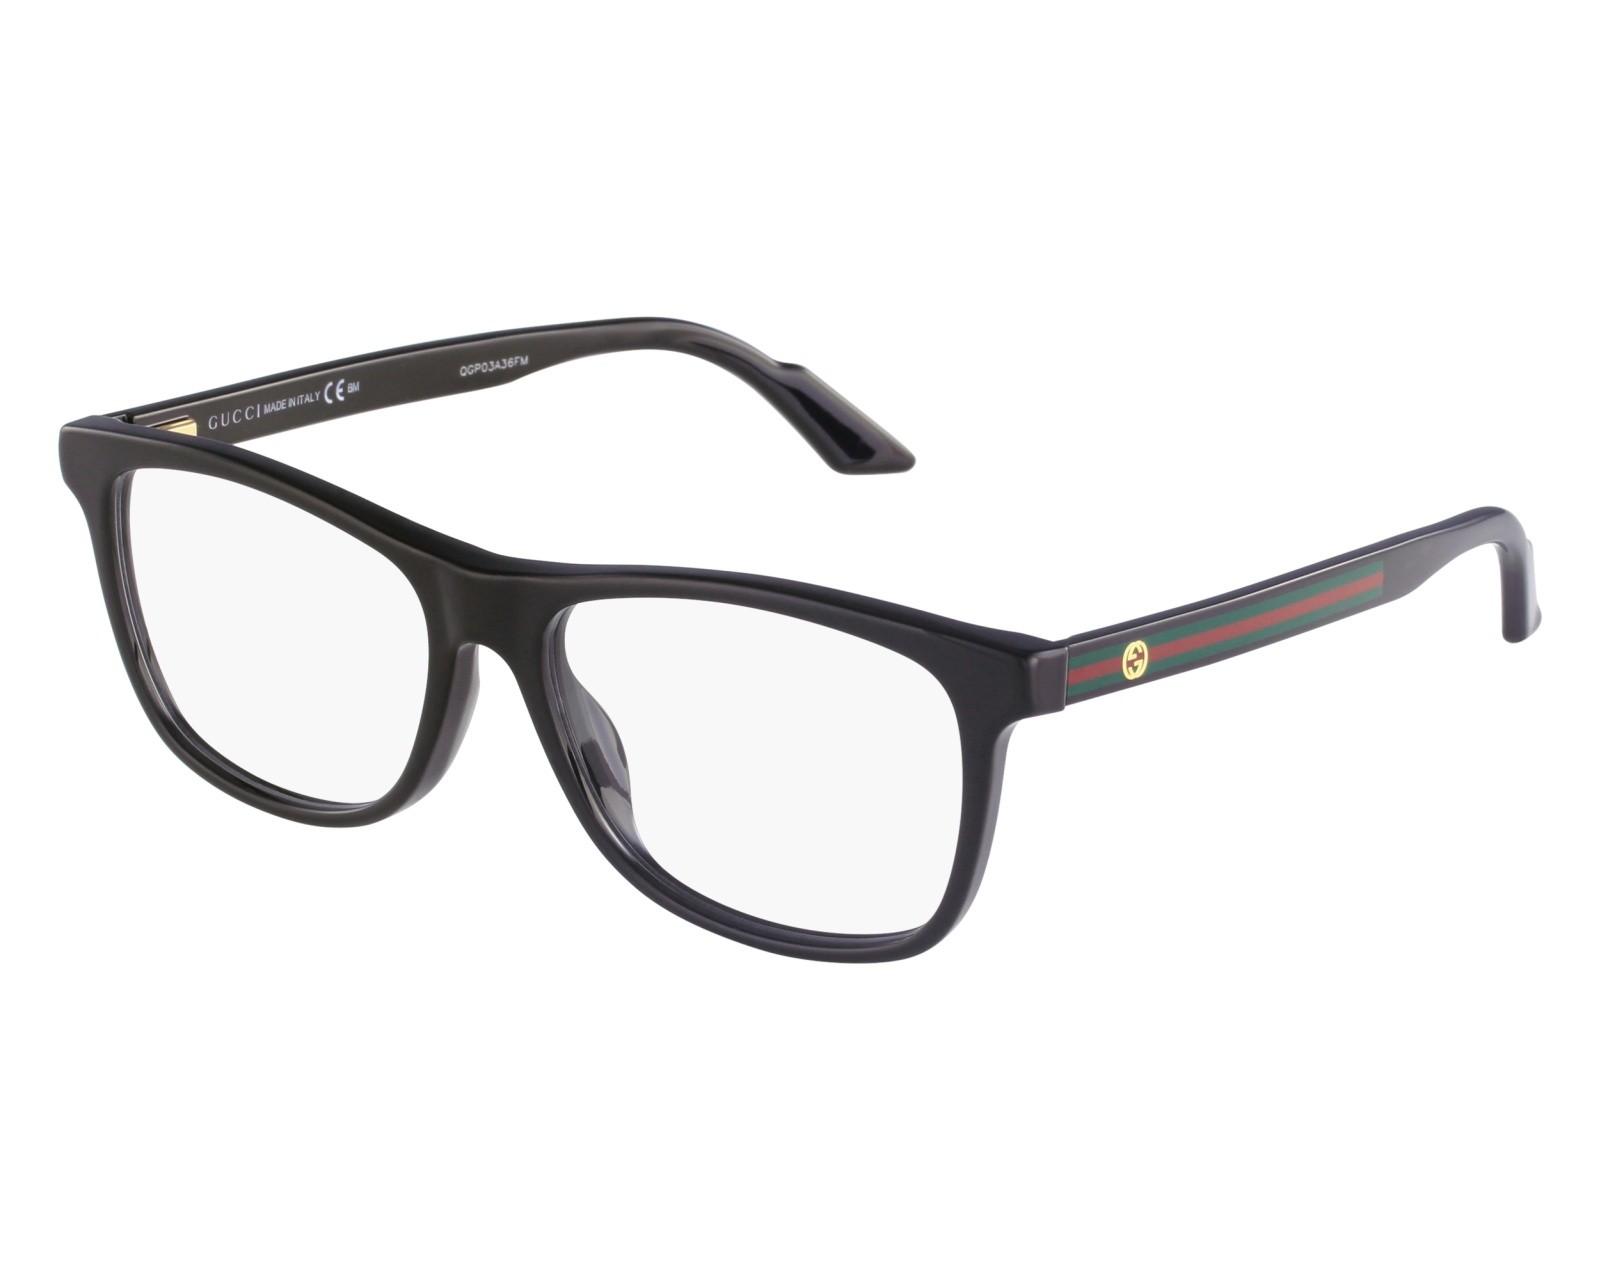 Óculos de Grau Gucci Preto GG3725 - 29A/54